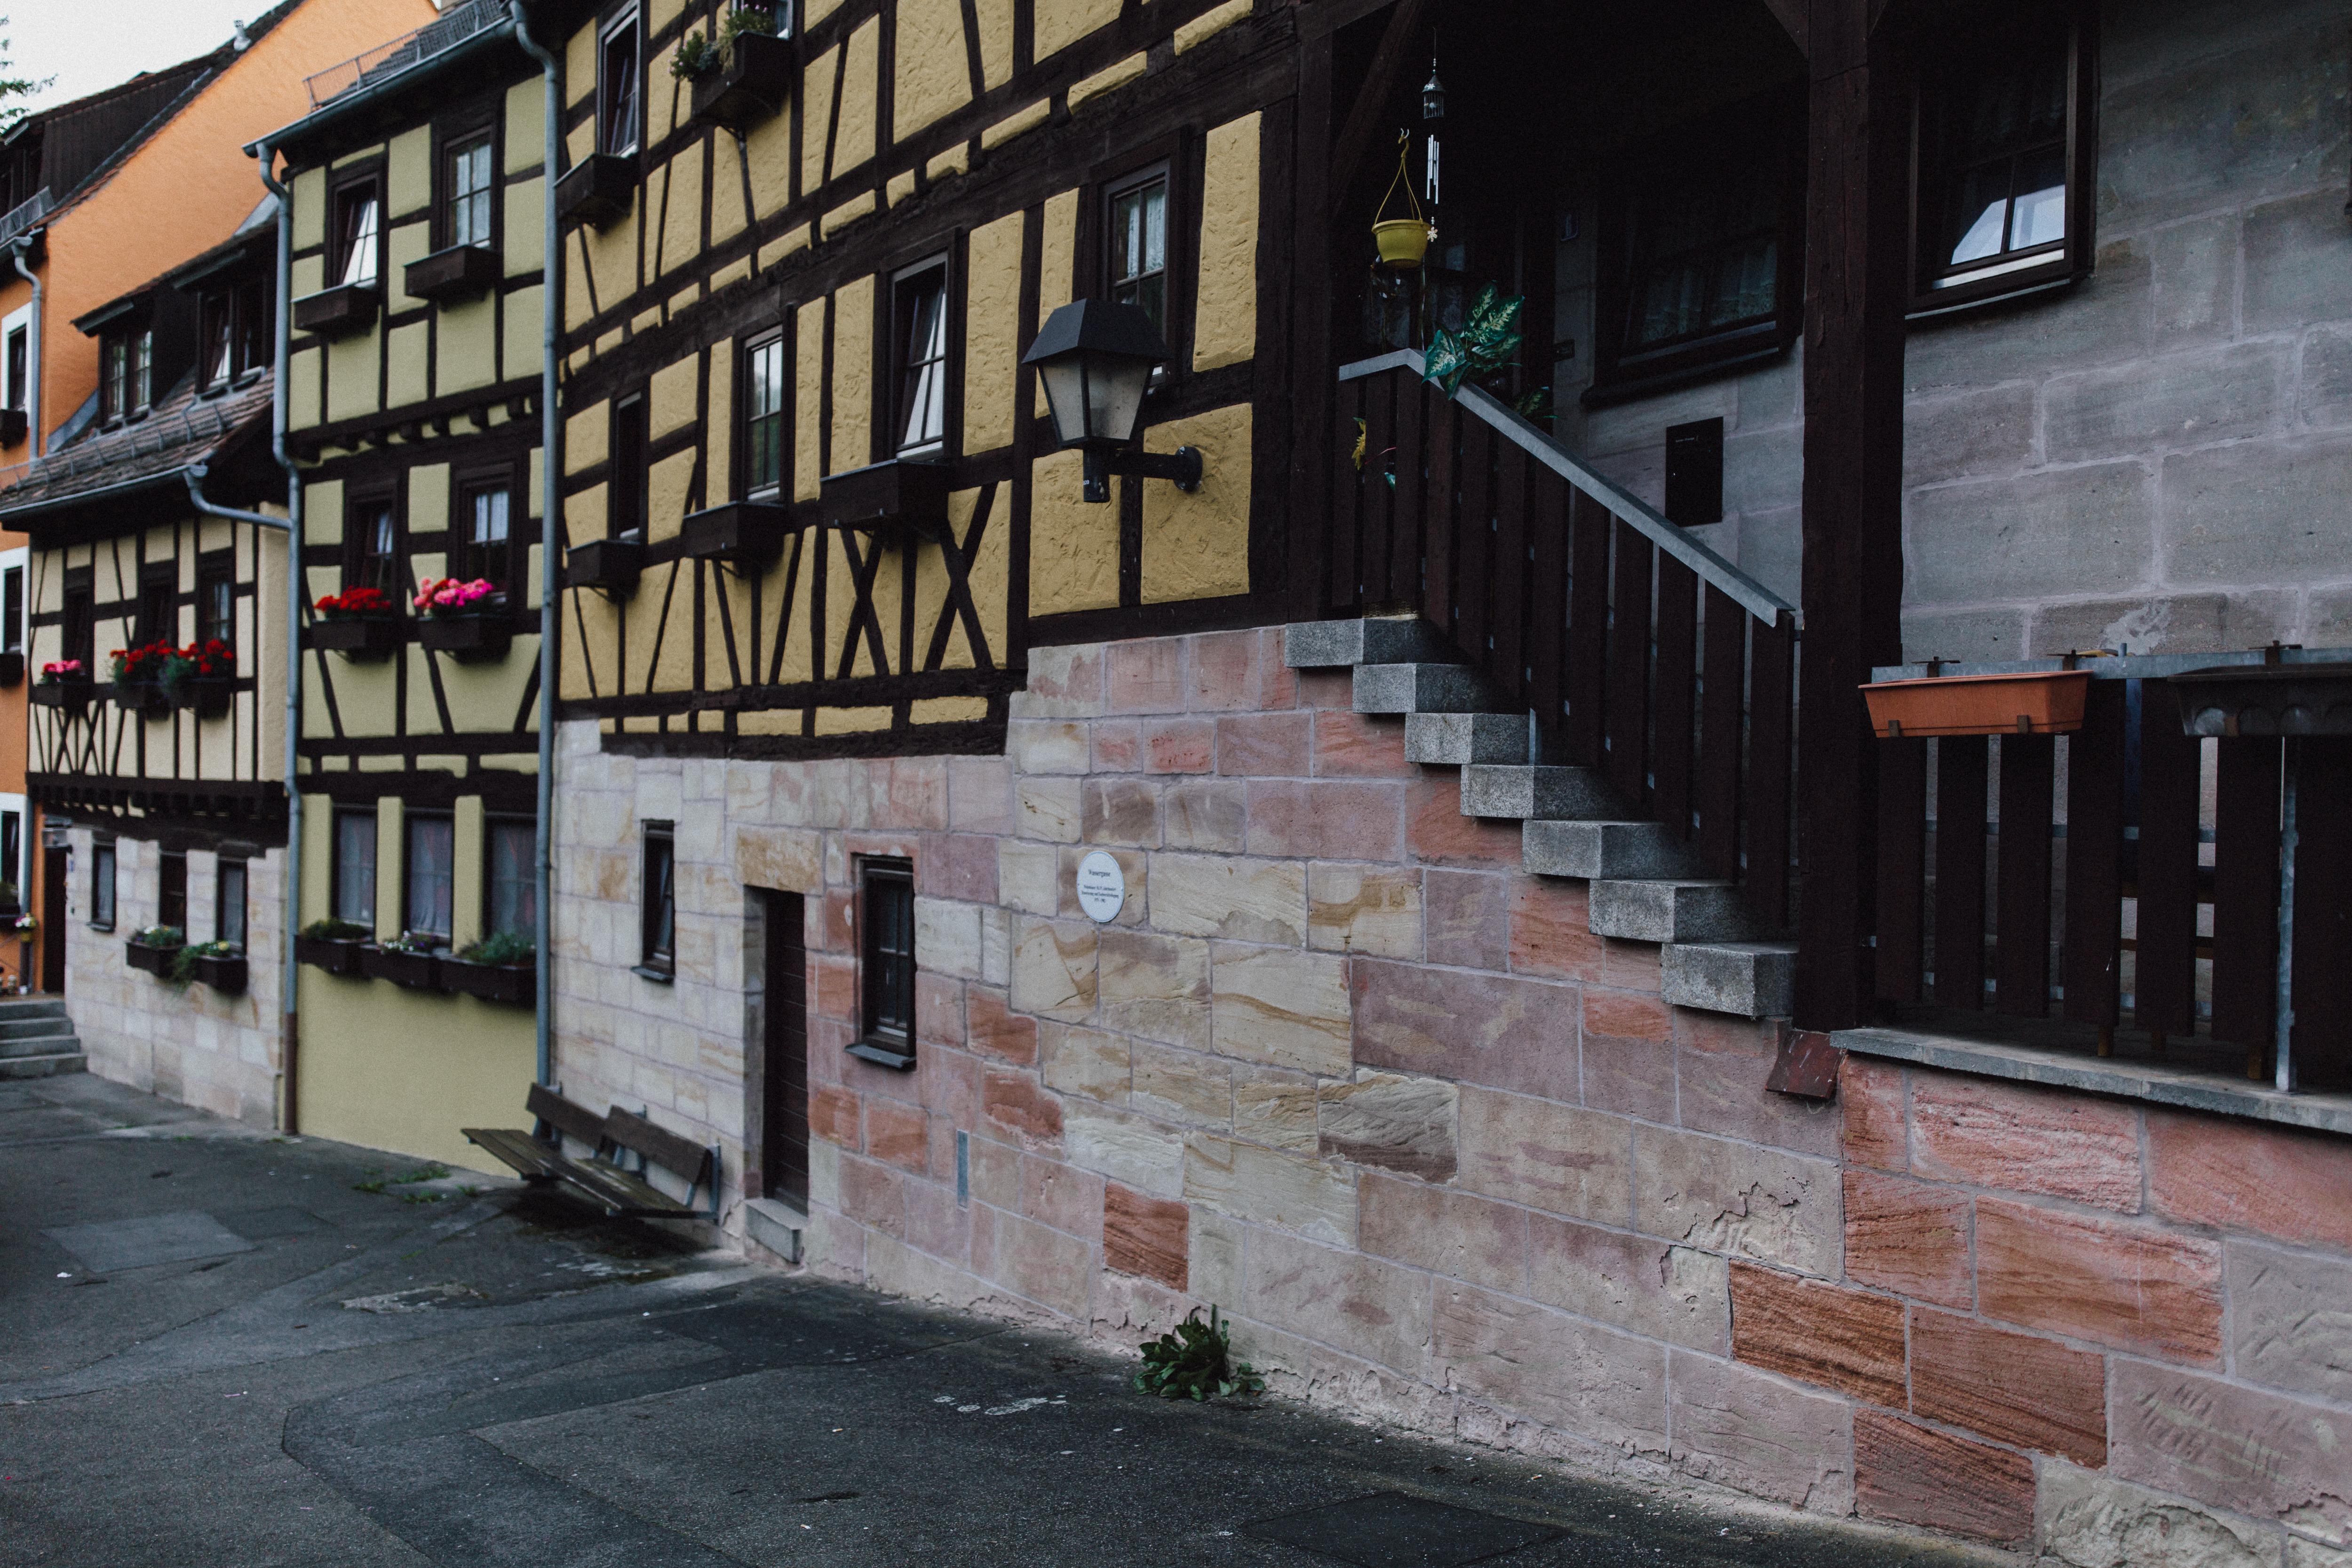 URBANERIE_Daniela_Goth_Fotografin_Nürnberg_Fürth_Erlangen_Schwabach_170906_001_0068